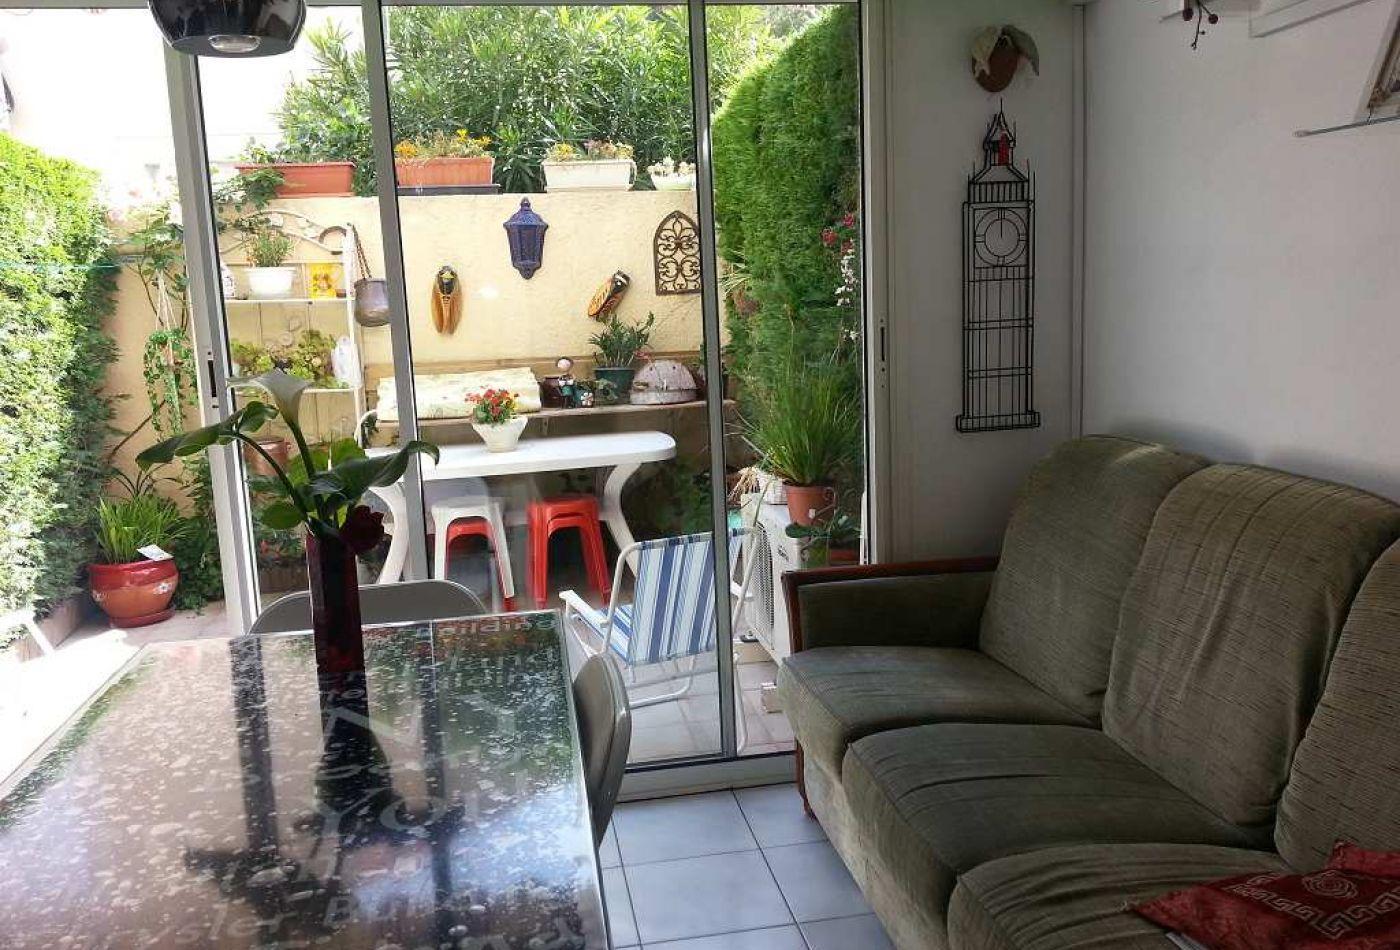 maison en vente le grau d 39 agde r f 3415524911 s 39 antoni immobilier. Black Bedroom Furniture Sets. Home Design Ideas